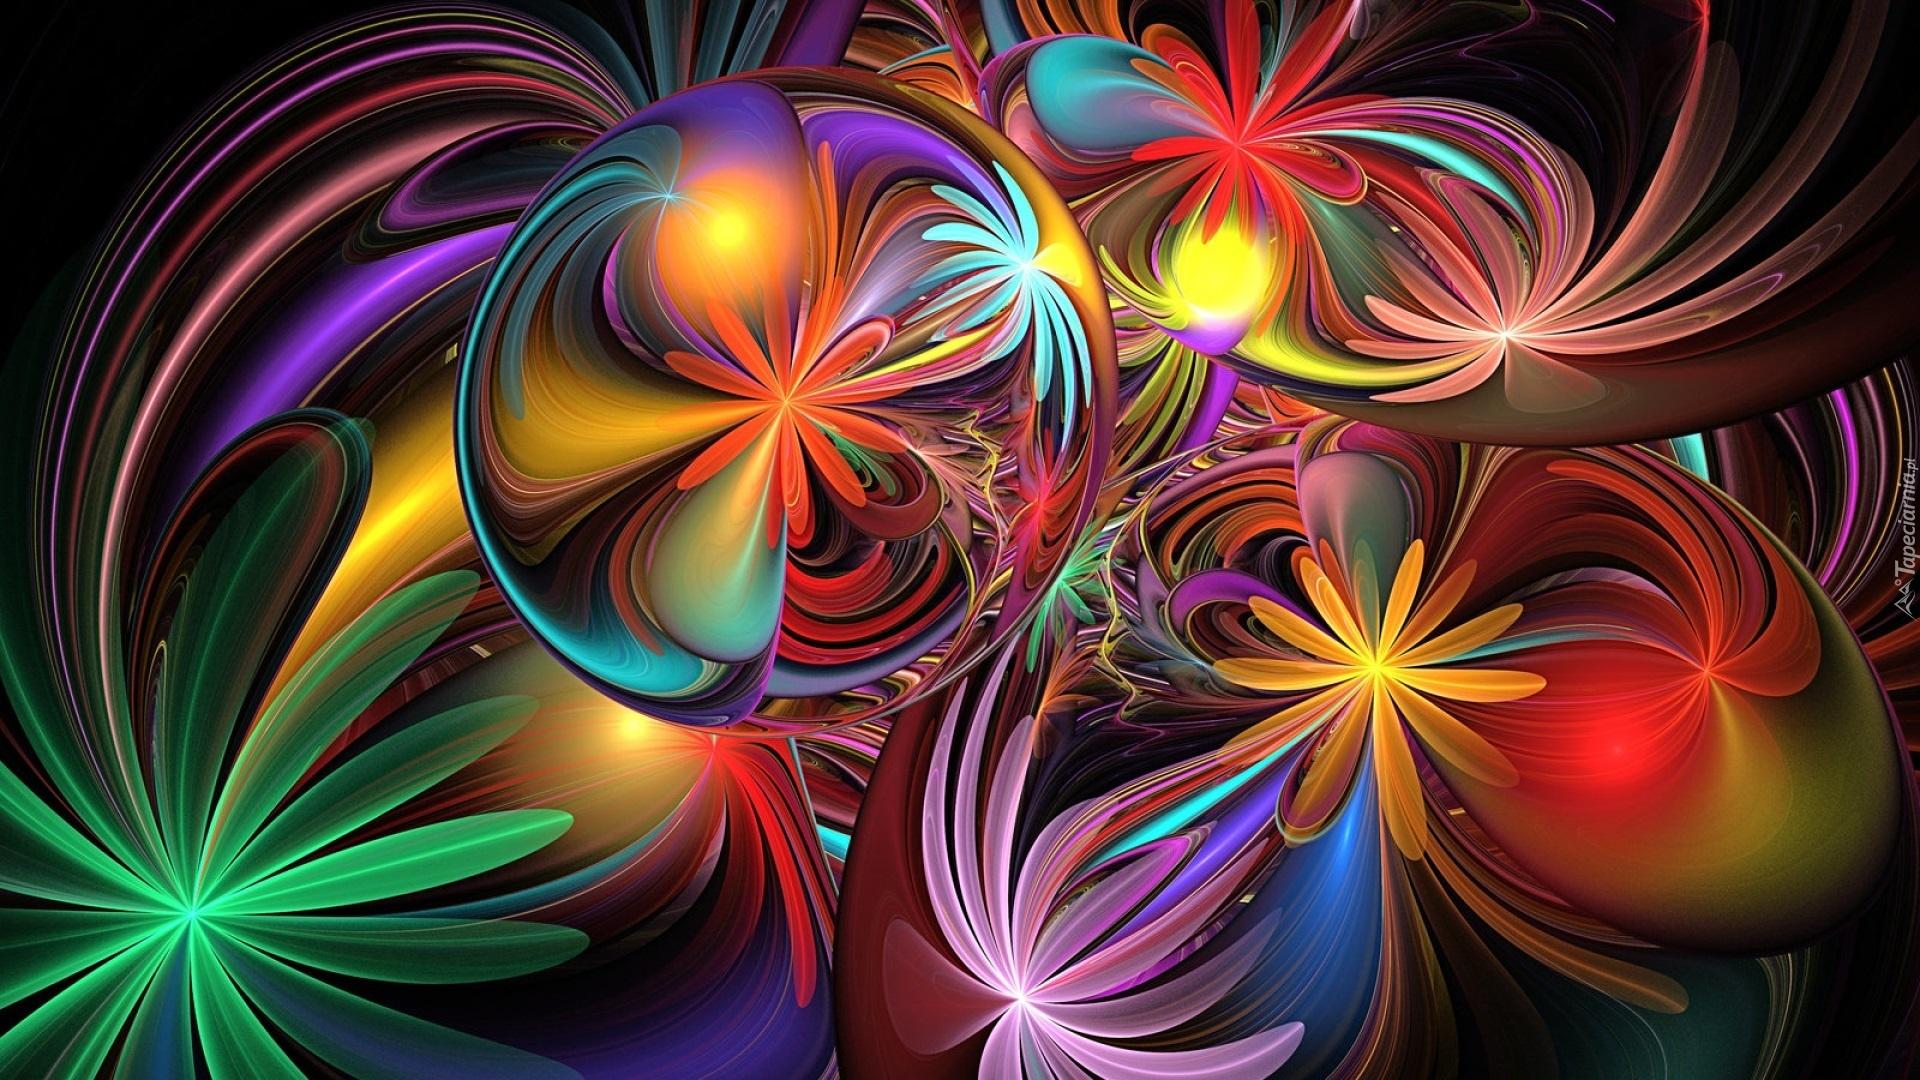 Abstrakcja Kolorowe Kwiaty